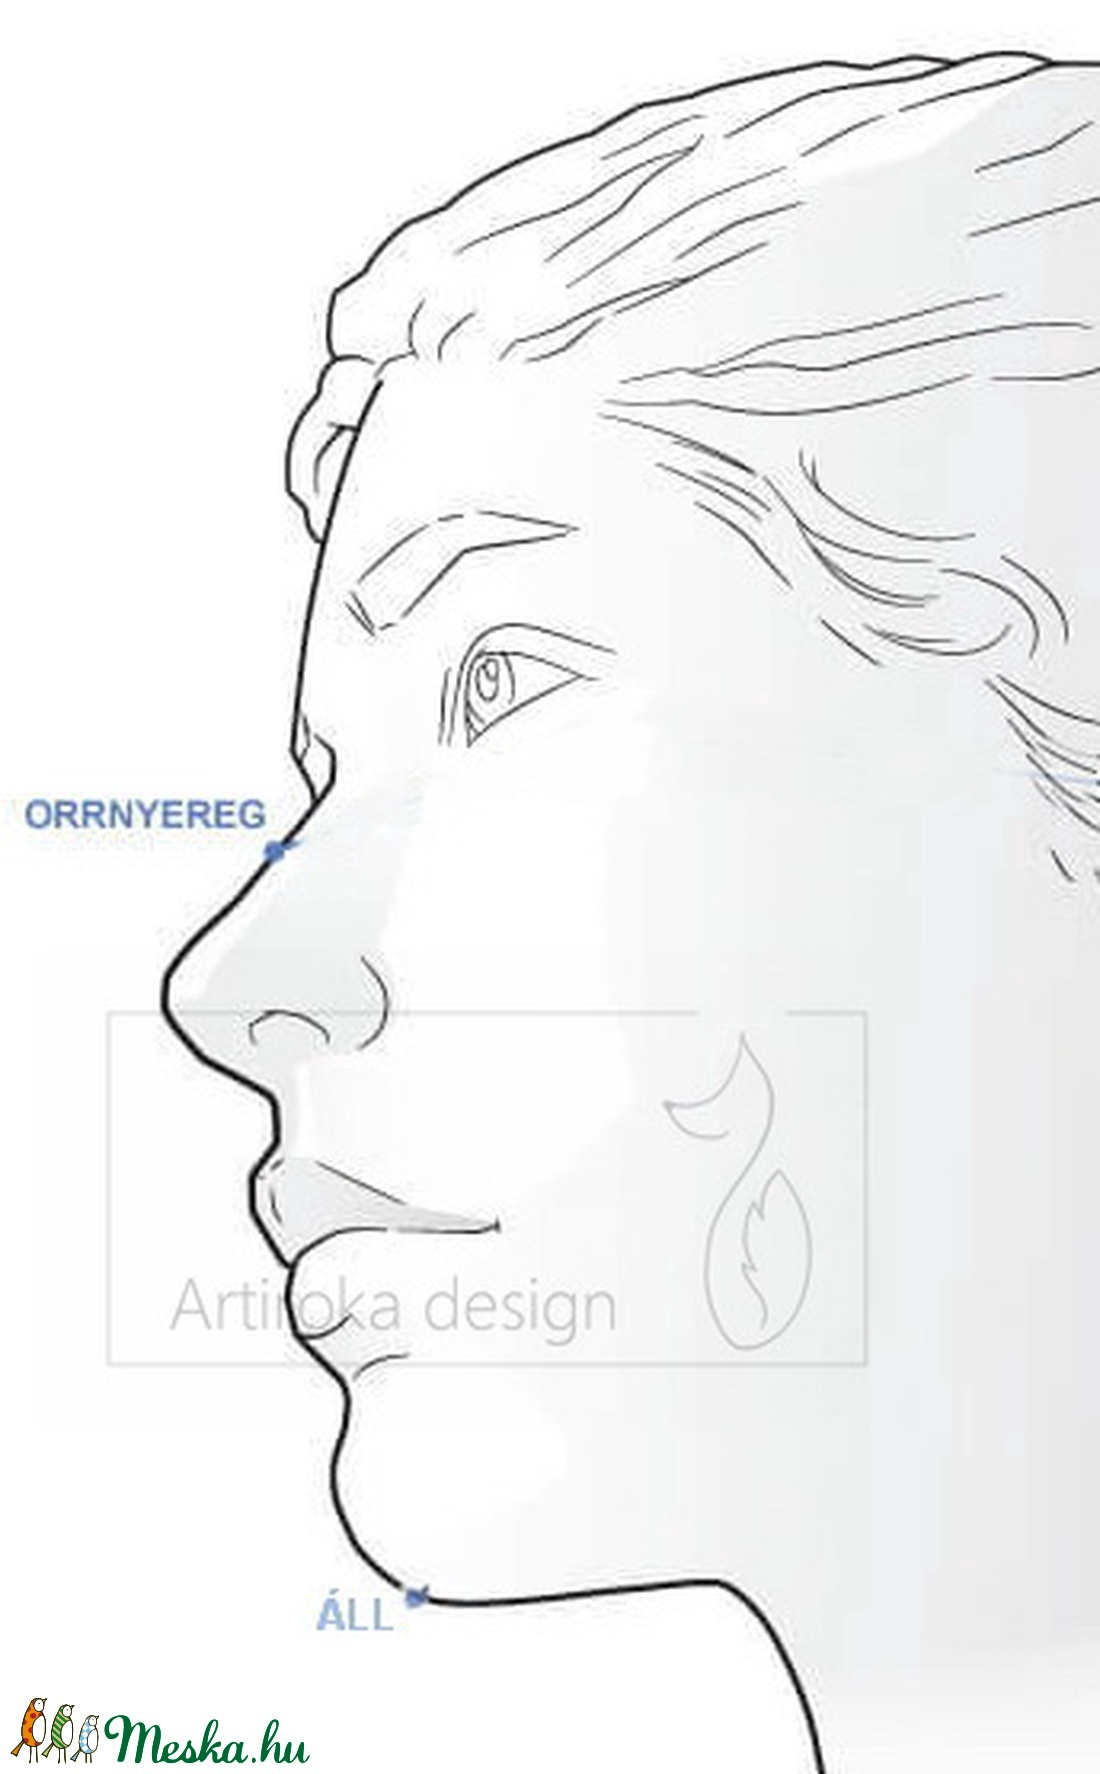 Nyuszi és rózsa mintás  prémium arcmaszk több méretben - szájmaszk, gyerekmaszk AKCIÓ  - Artiroka design - maszk, arcmaszk - gyerek - Meska.hu